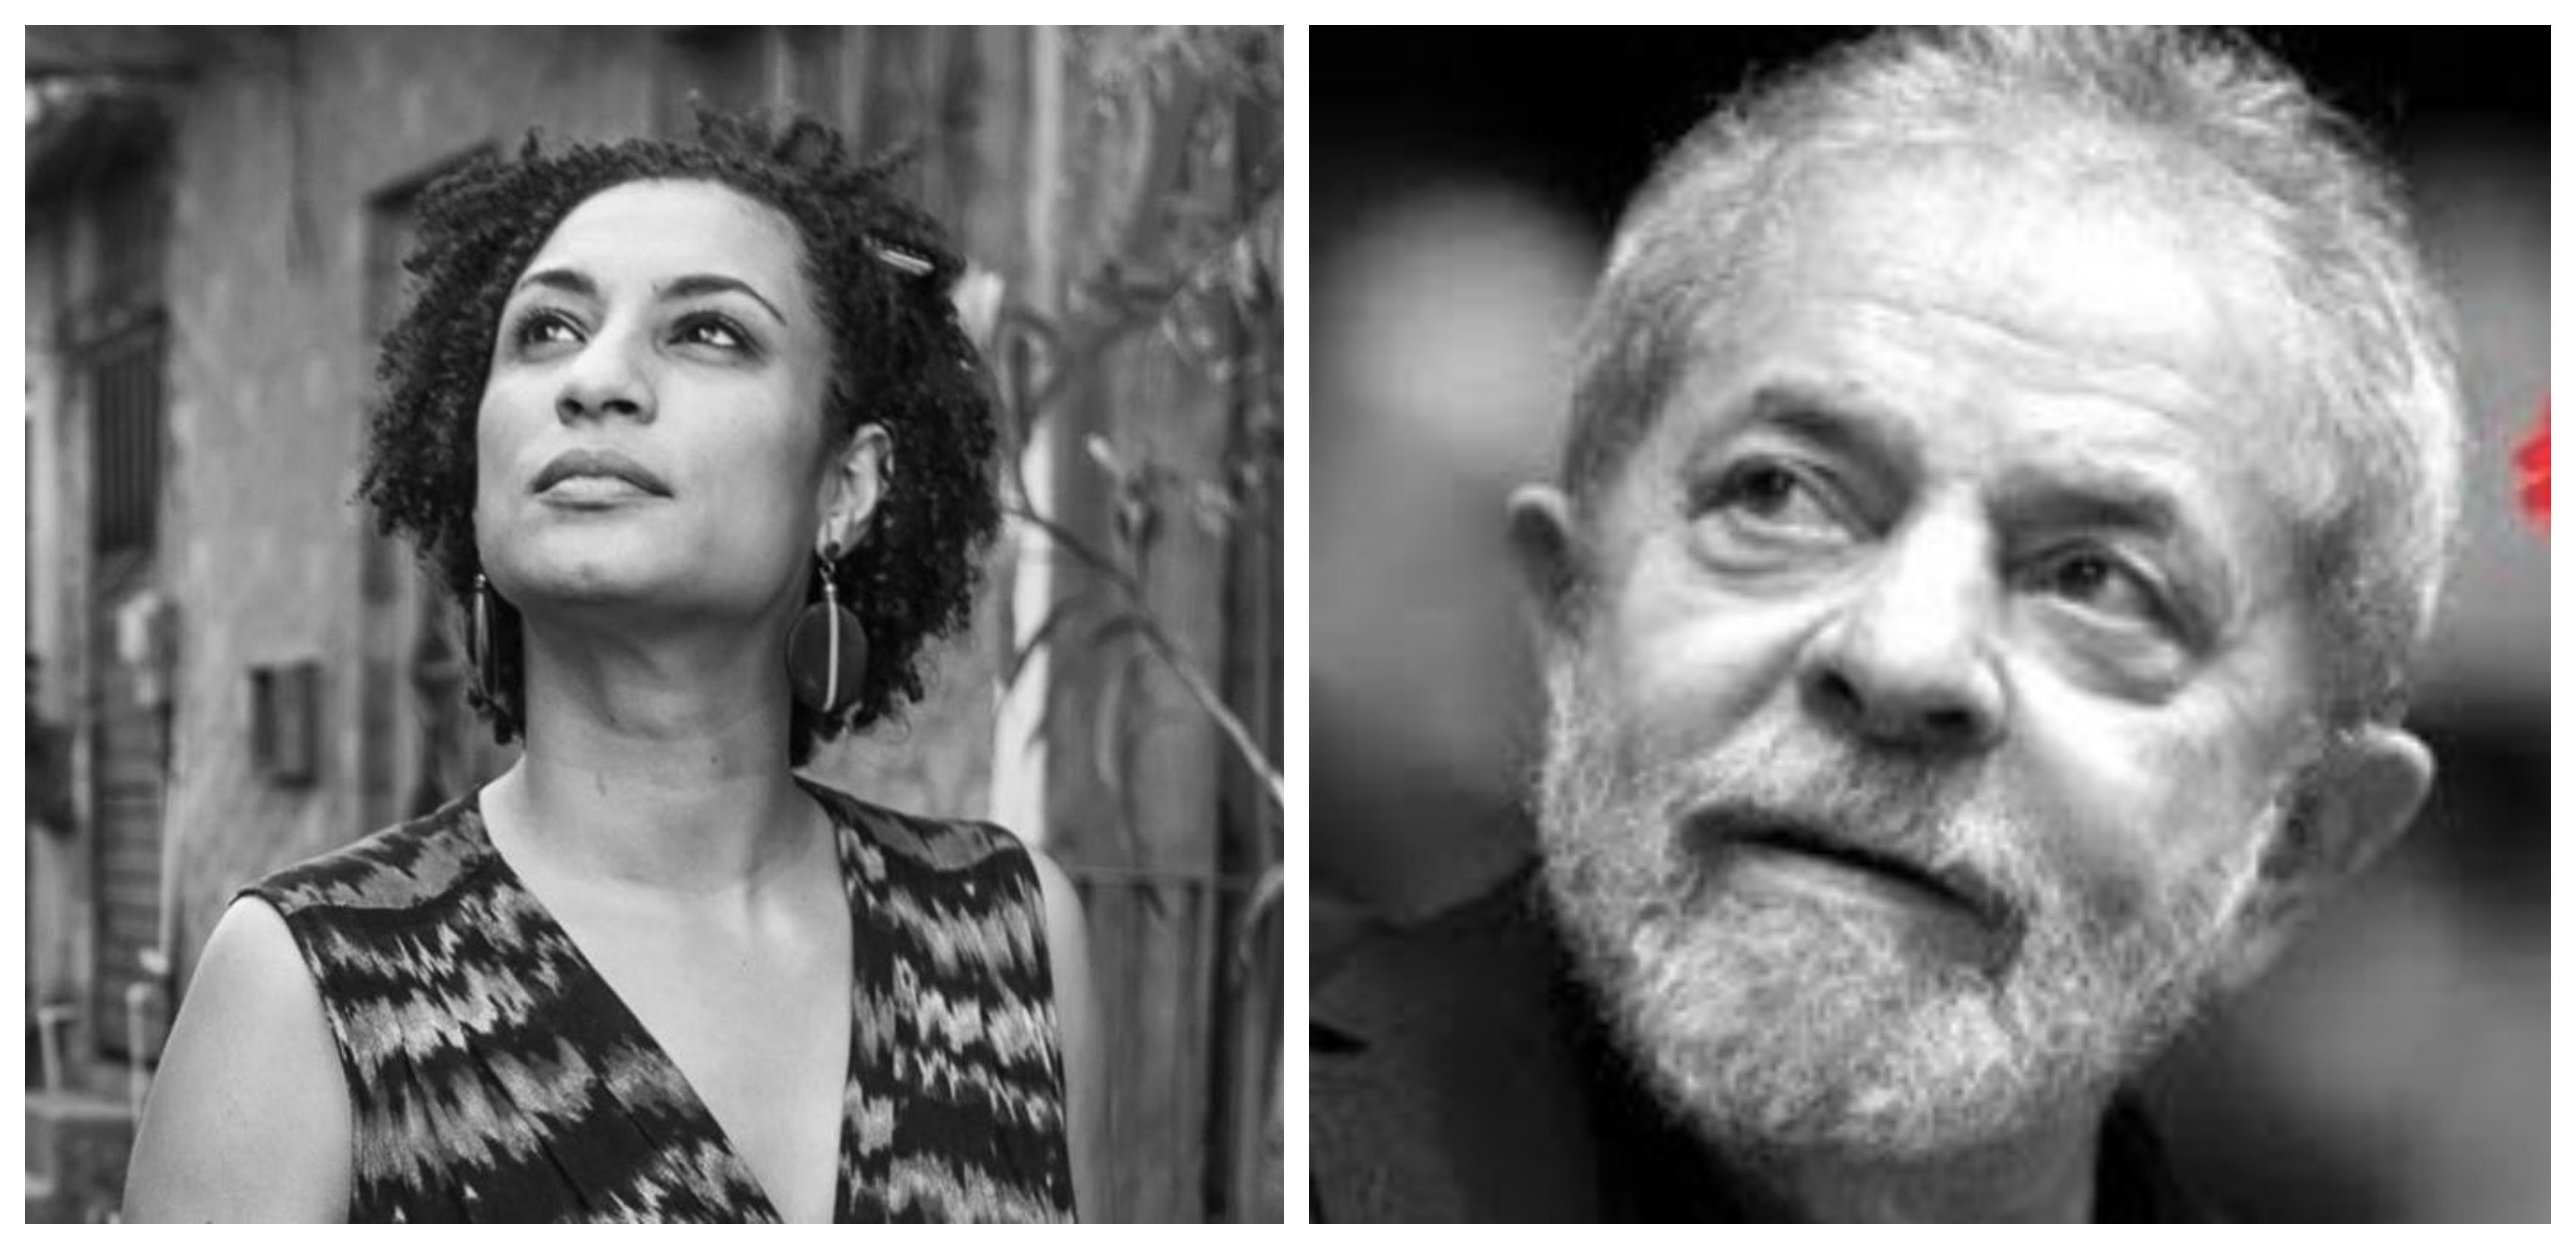 Ângela Carrato: Tiradentes se envergonharia com a truculência que destruiu duas vezes o tapete com Marielle Vive e Lula Livre